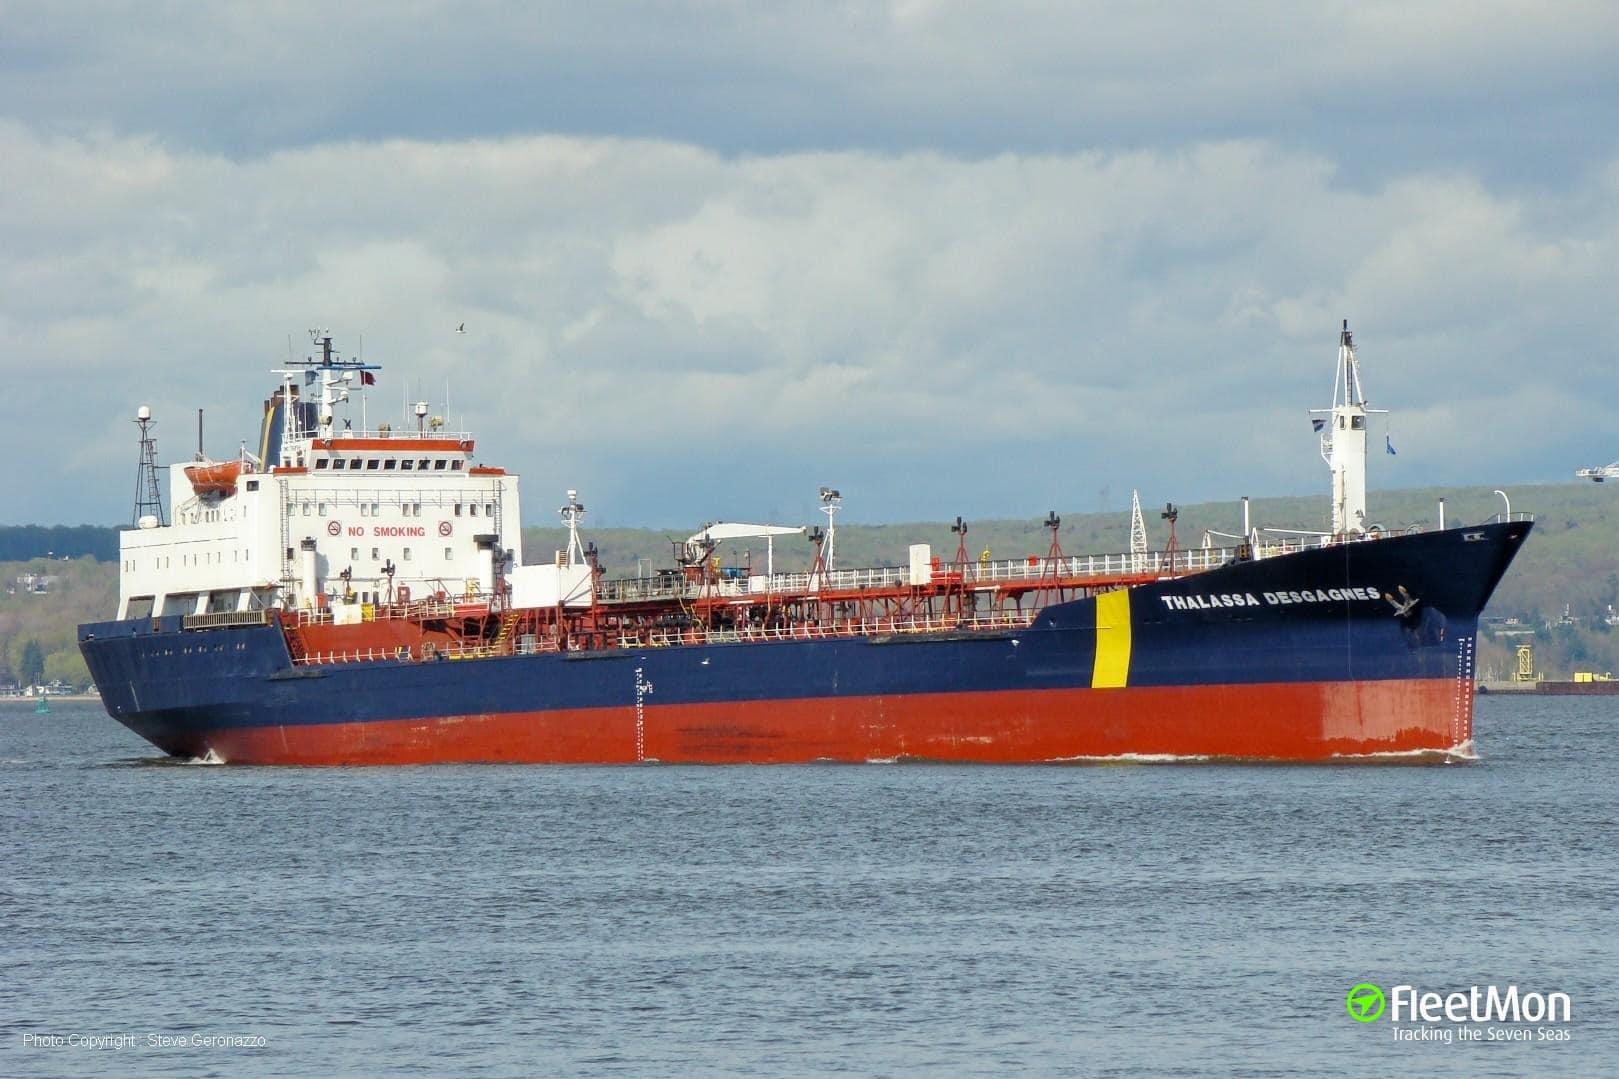 اختطاف السفينة أسفالت برينسيس Asphalt Princess قبالة ساحل الفجيرة في الإمارات